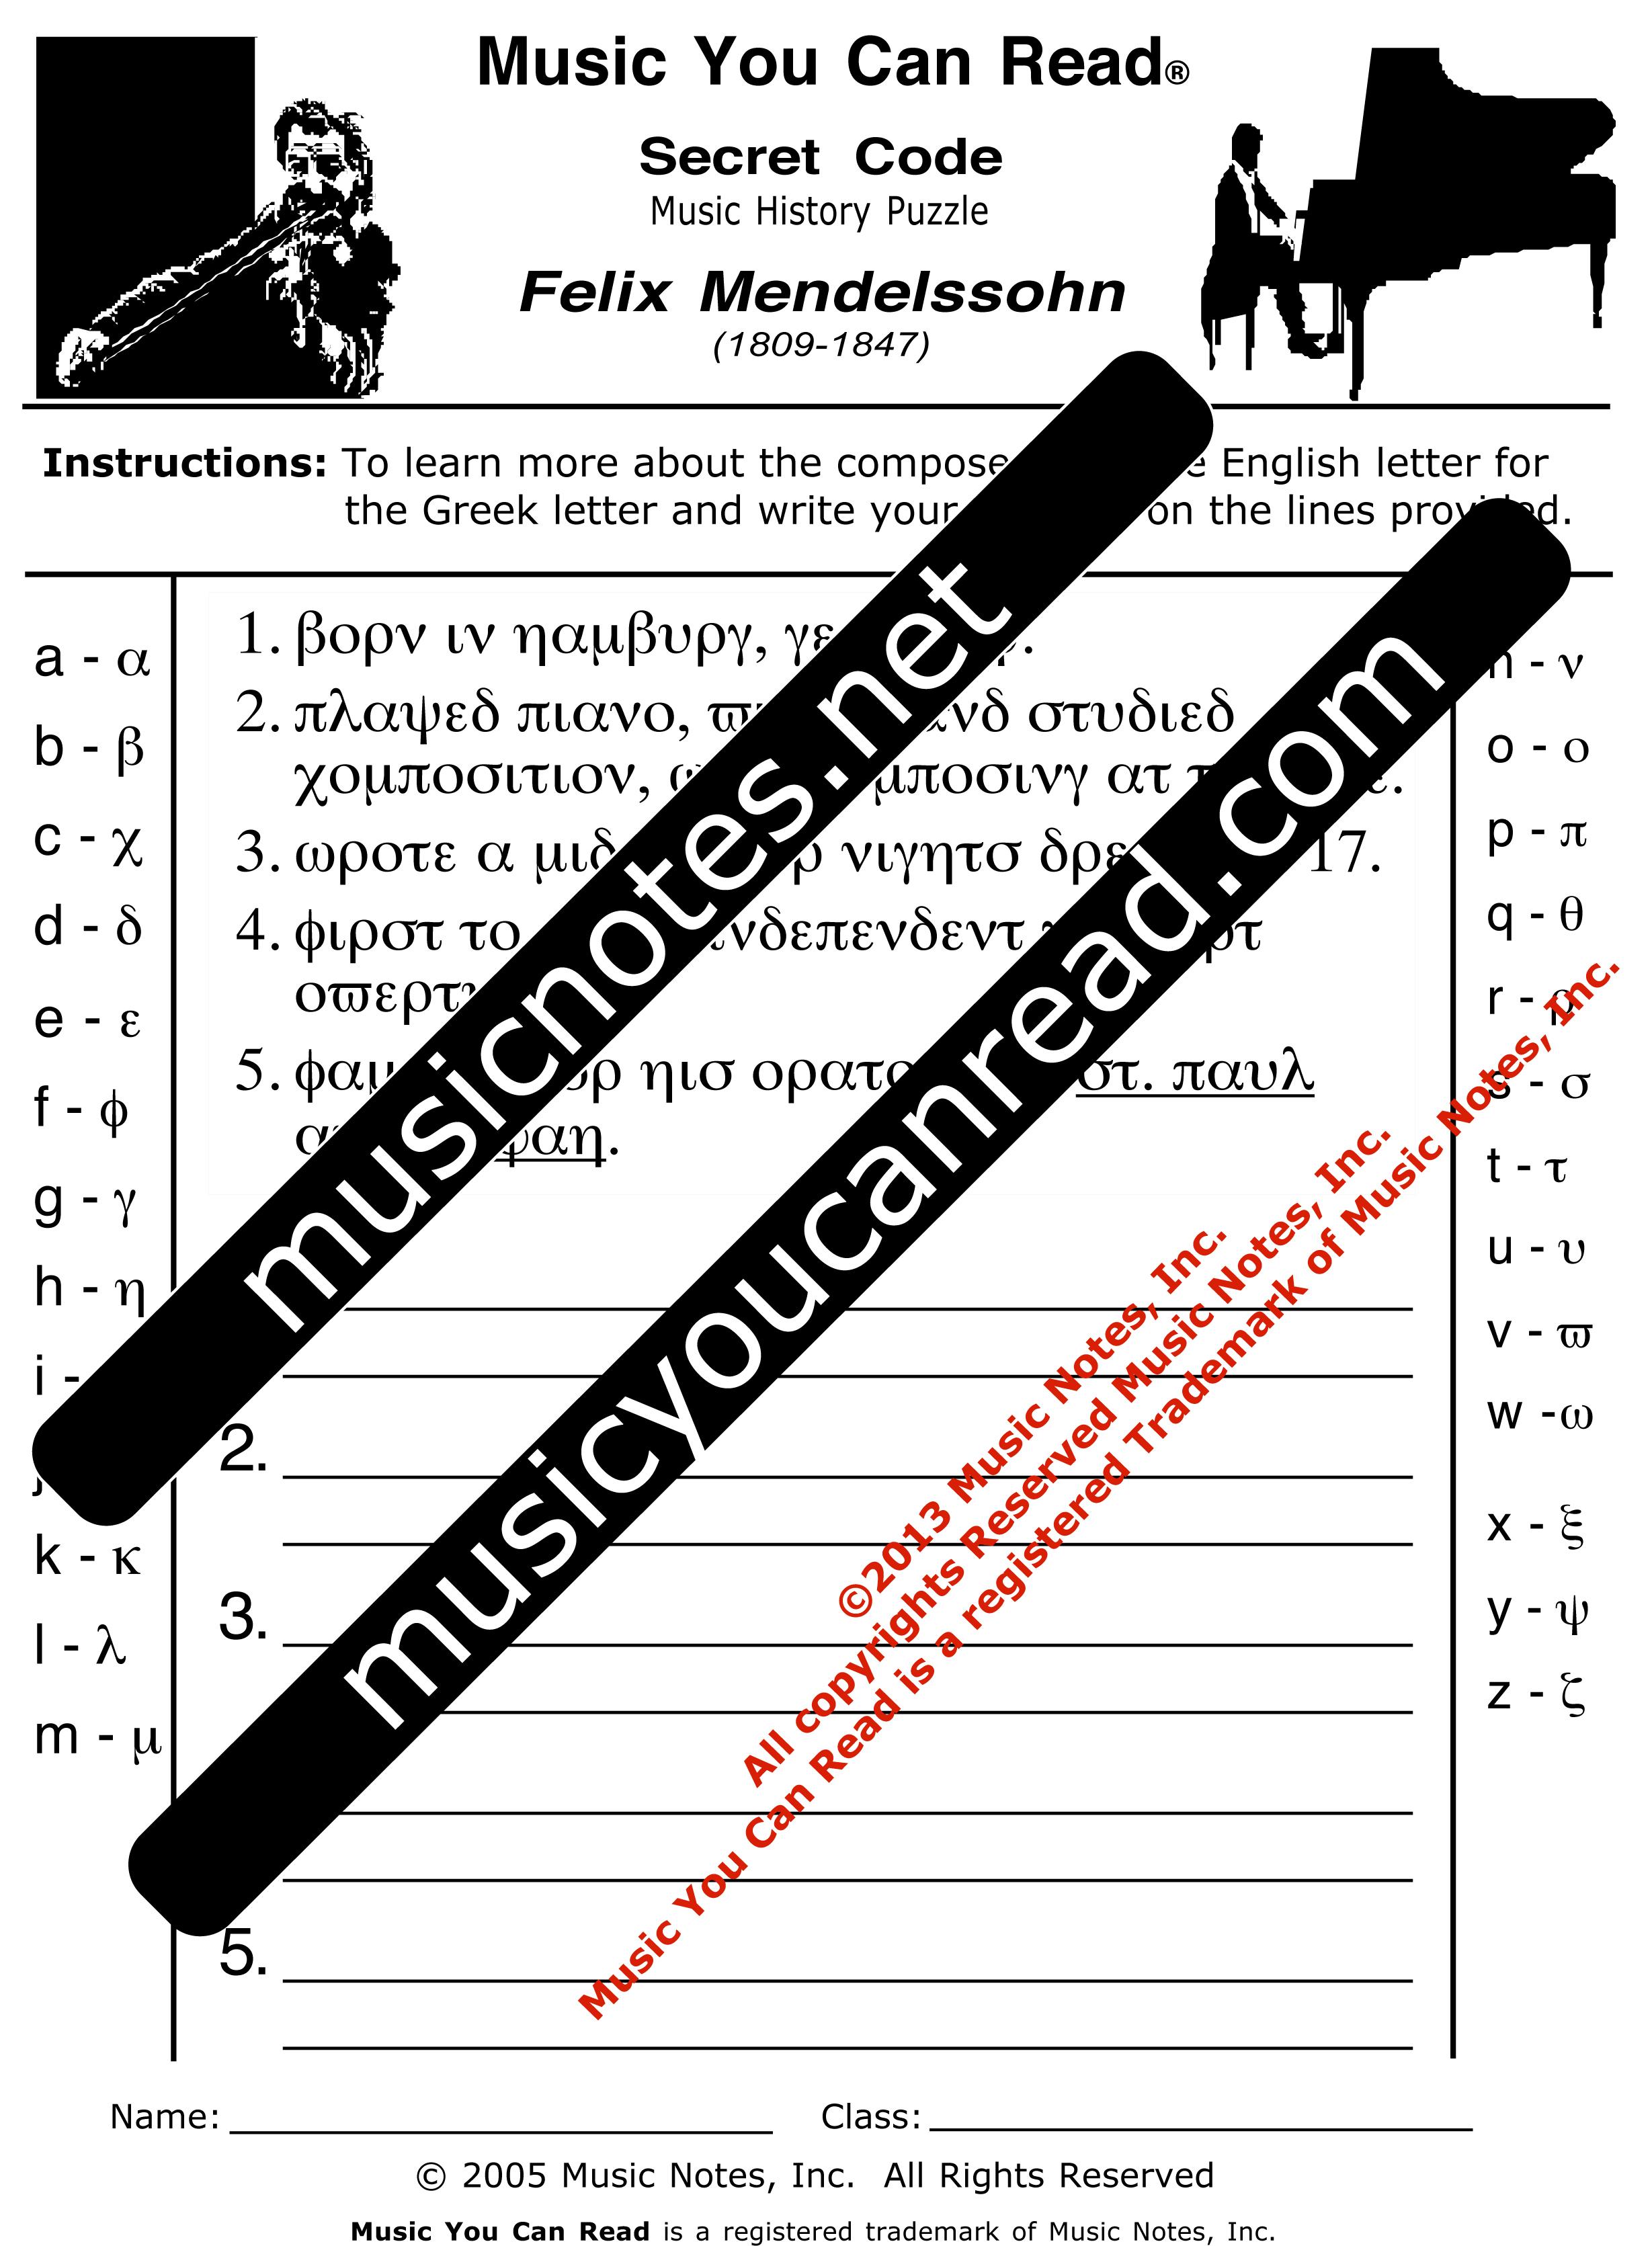 Secret Code – Felix Mendelssohn